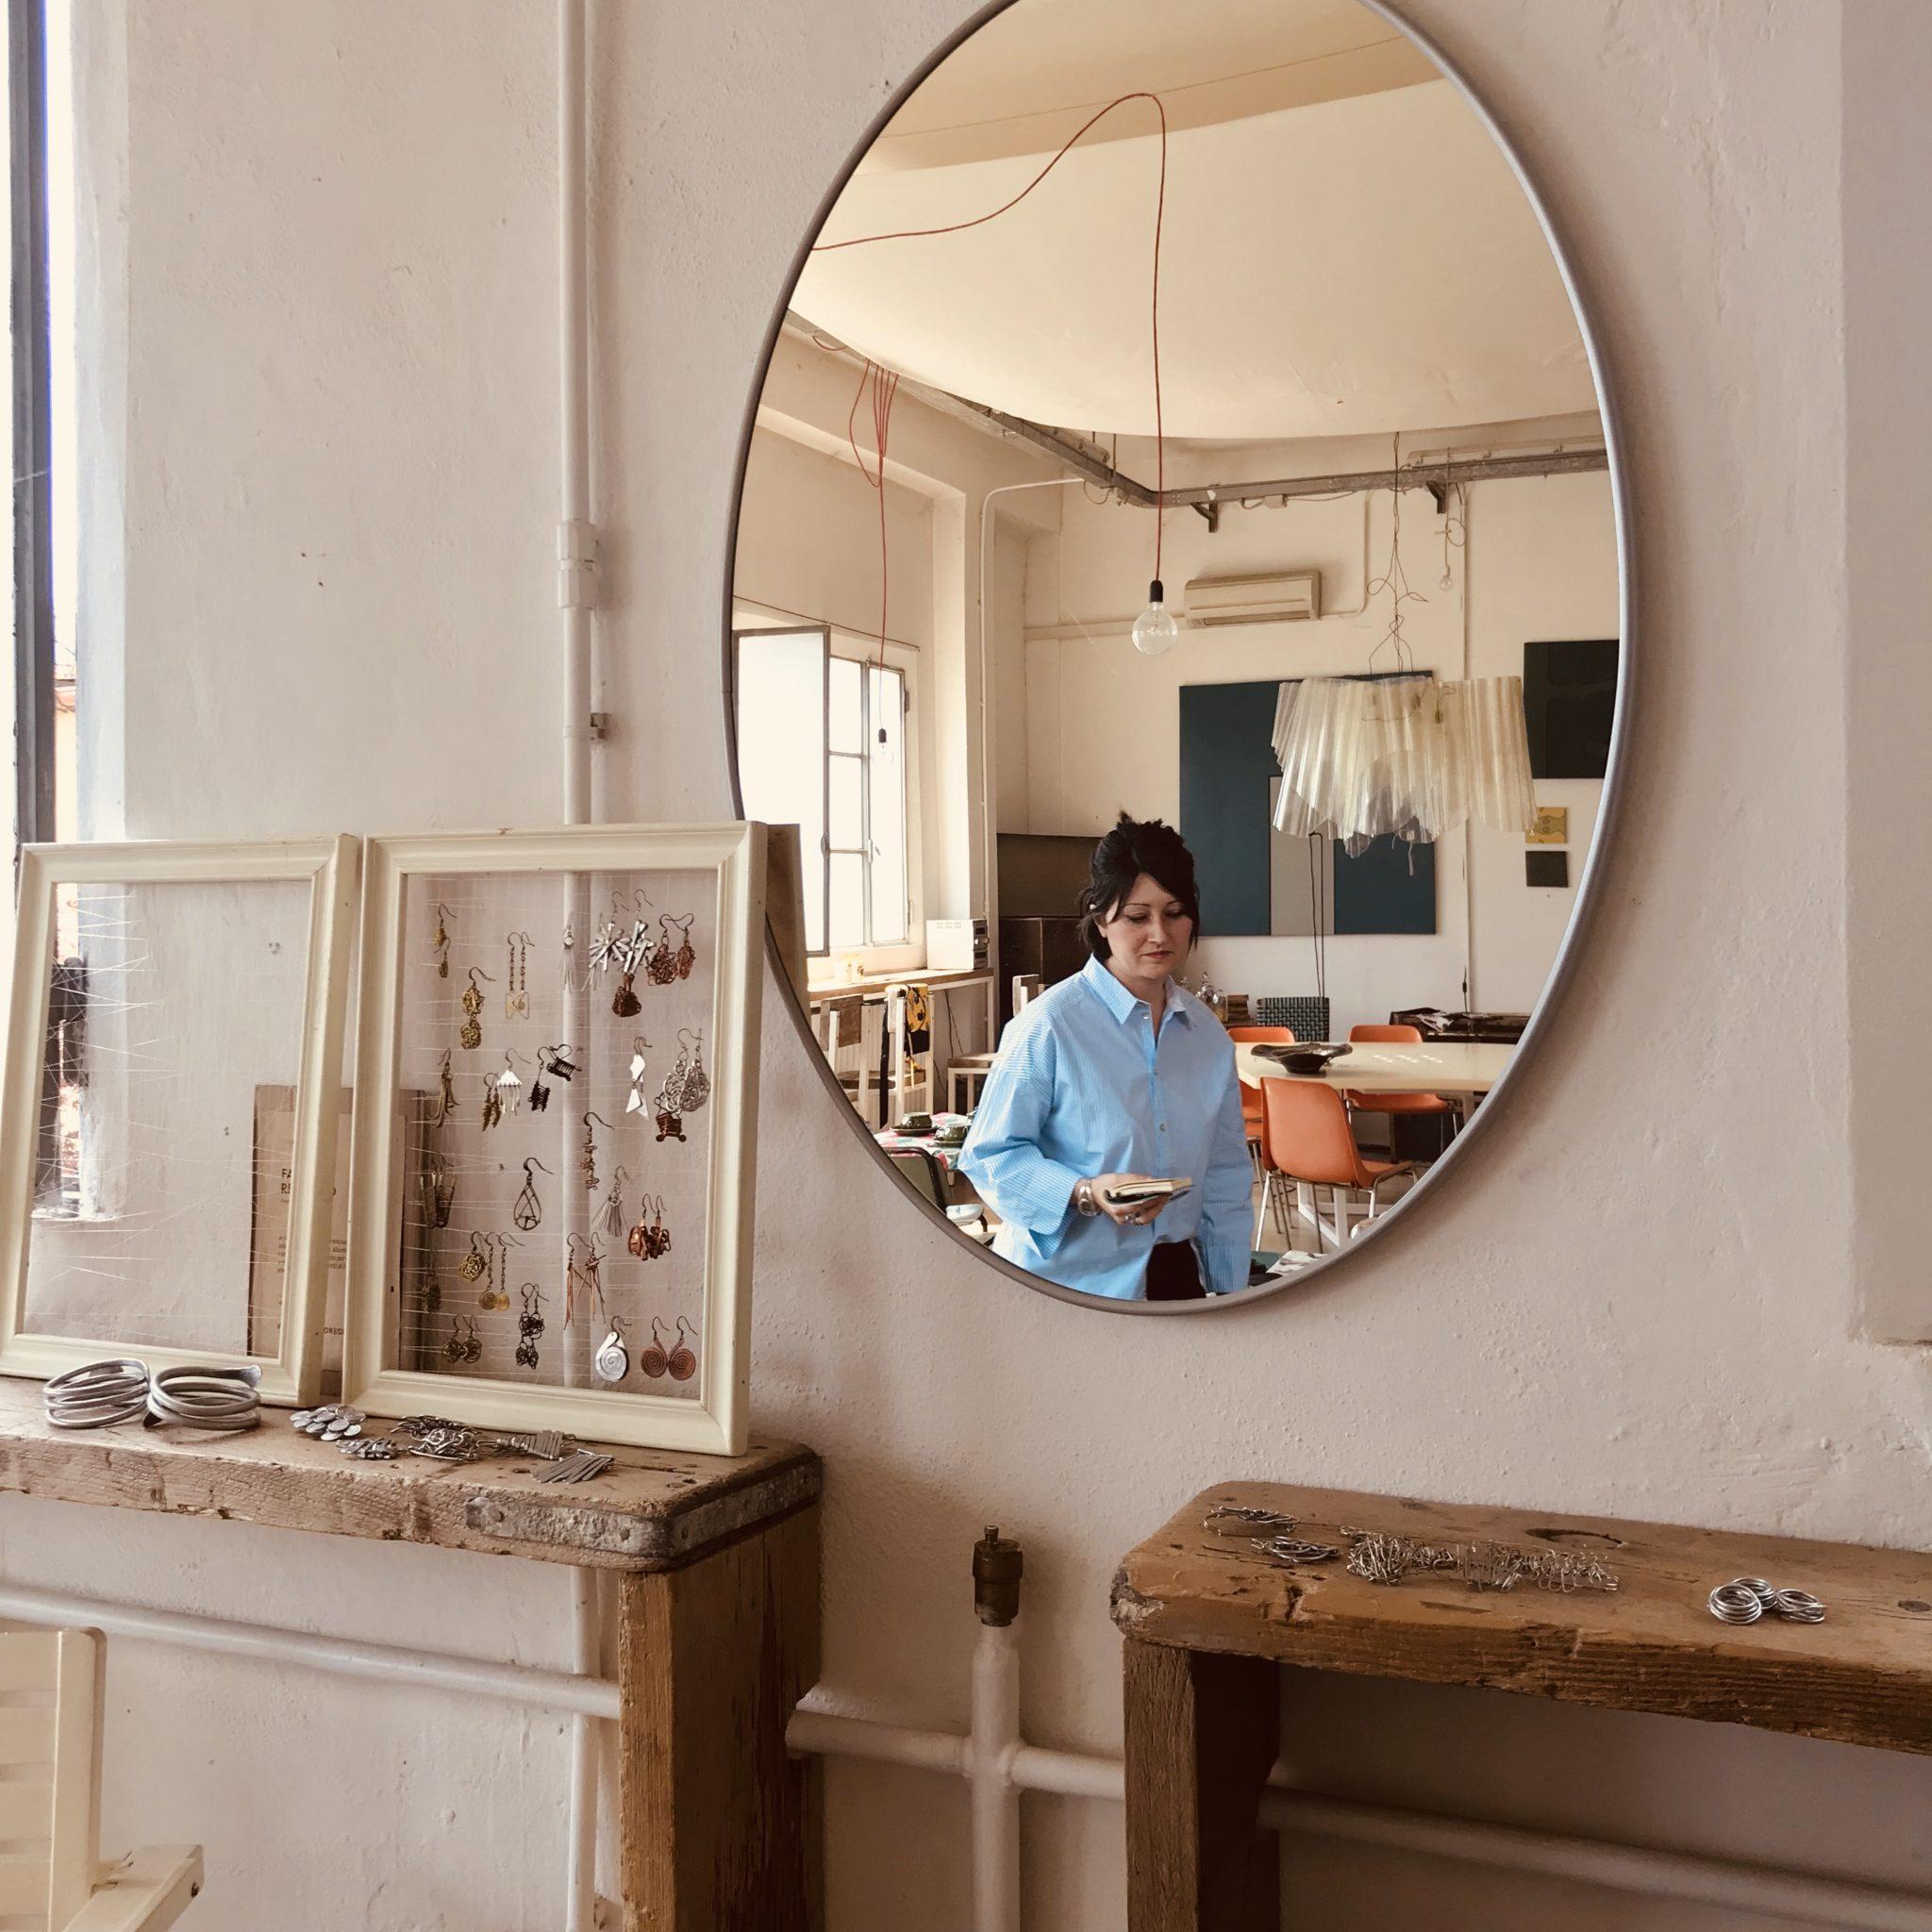 Mobili restaurati, illustrazioni, gioielli, arredamento in resina, ceramiche e tessuti su misura: un giro nel mondo degli artigiani fuori dal centro